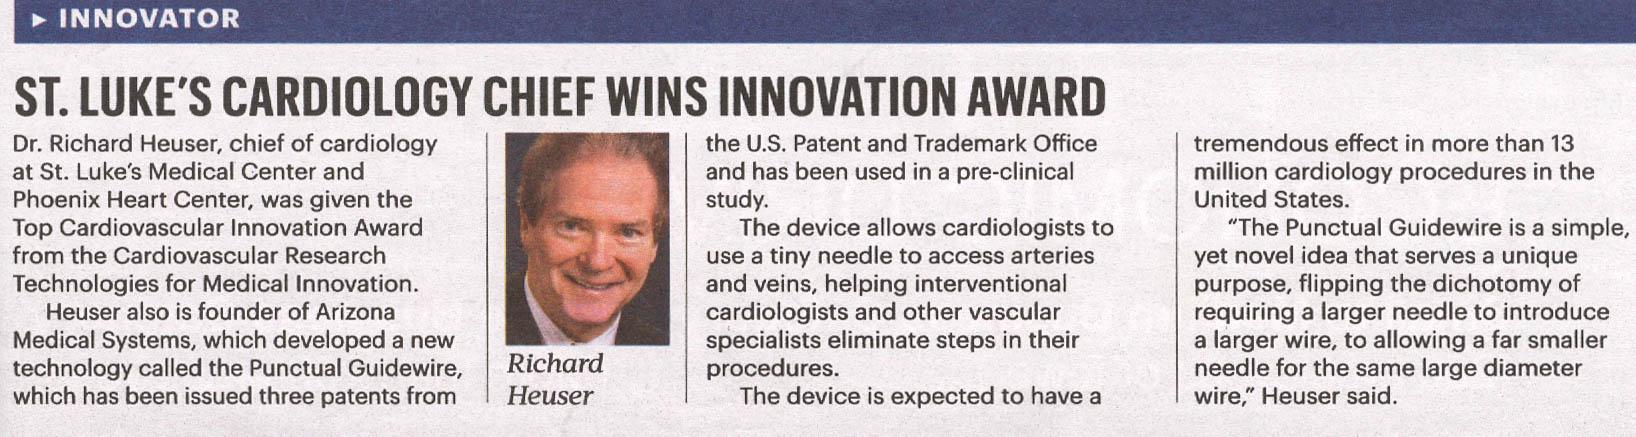 heuser-cardiology-innovation-award-phoenix-heart-center